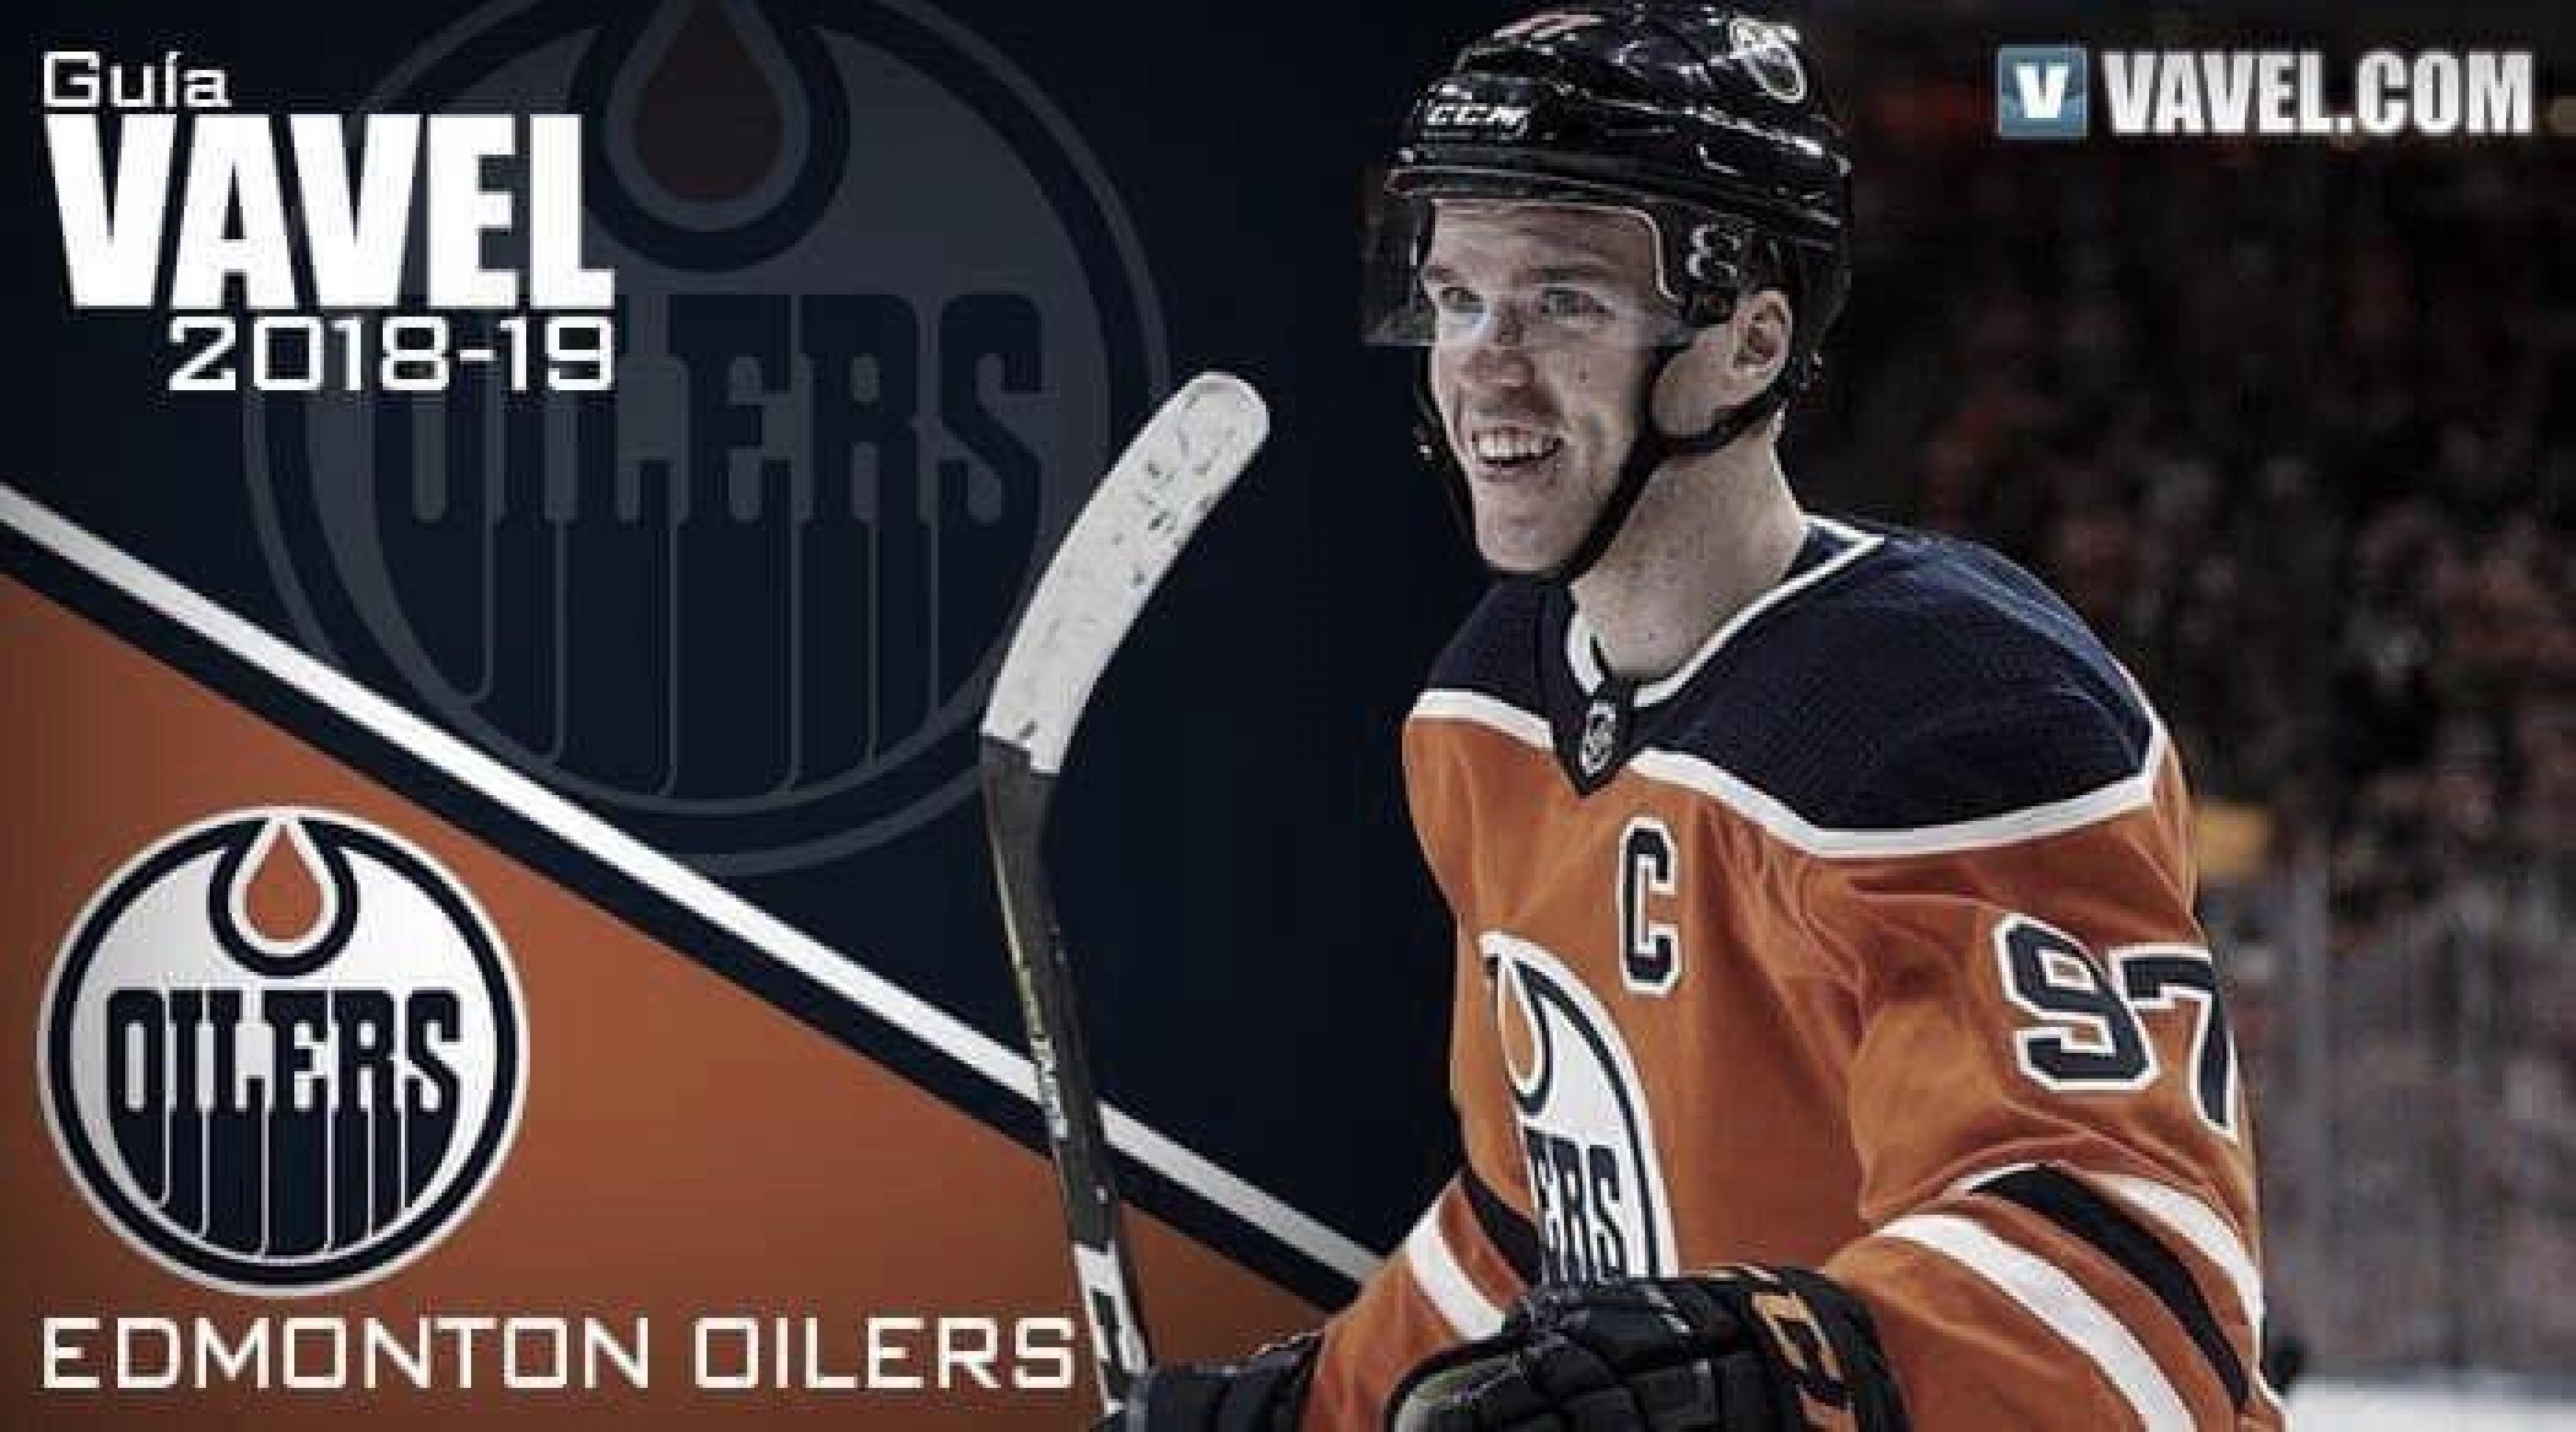 Guía VAVEL Edmonton Oilers 2018/19: a remontar el vuelo